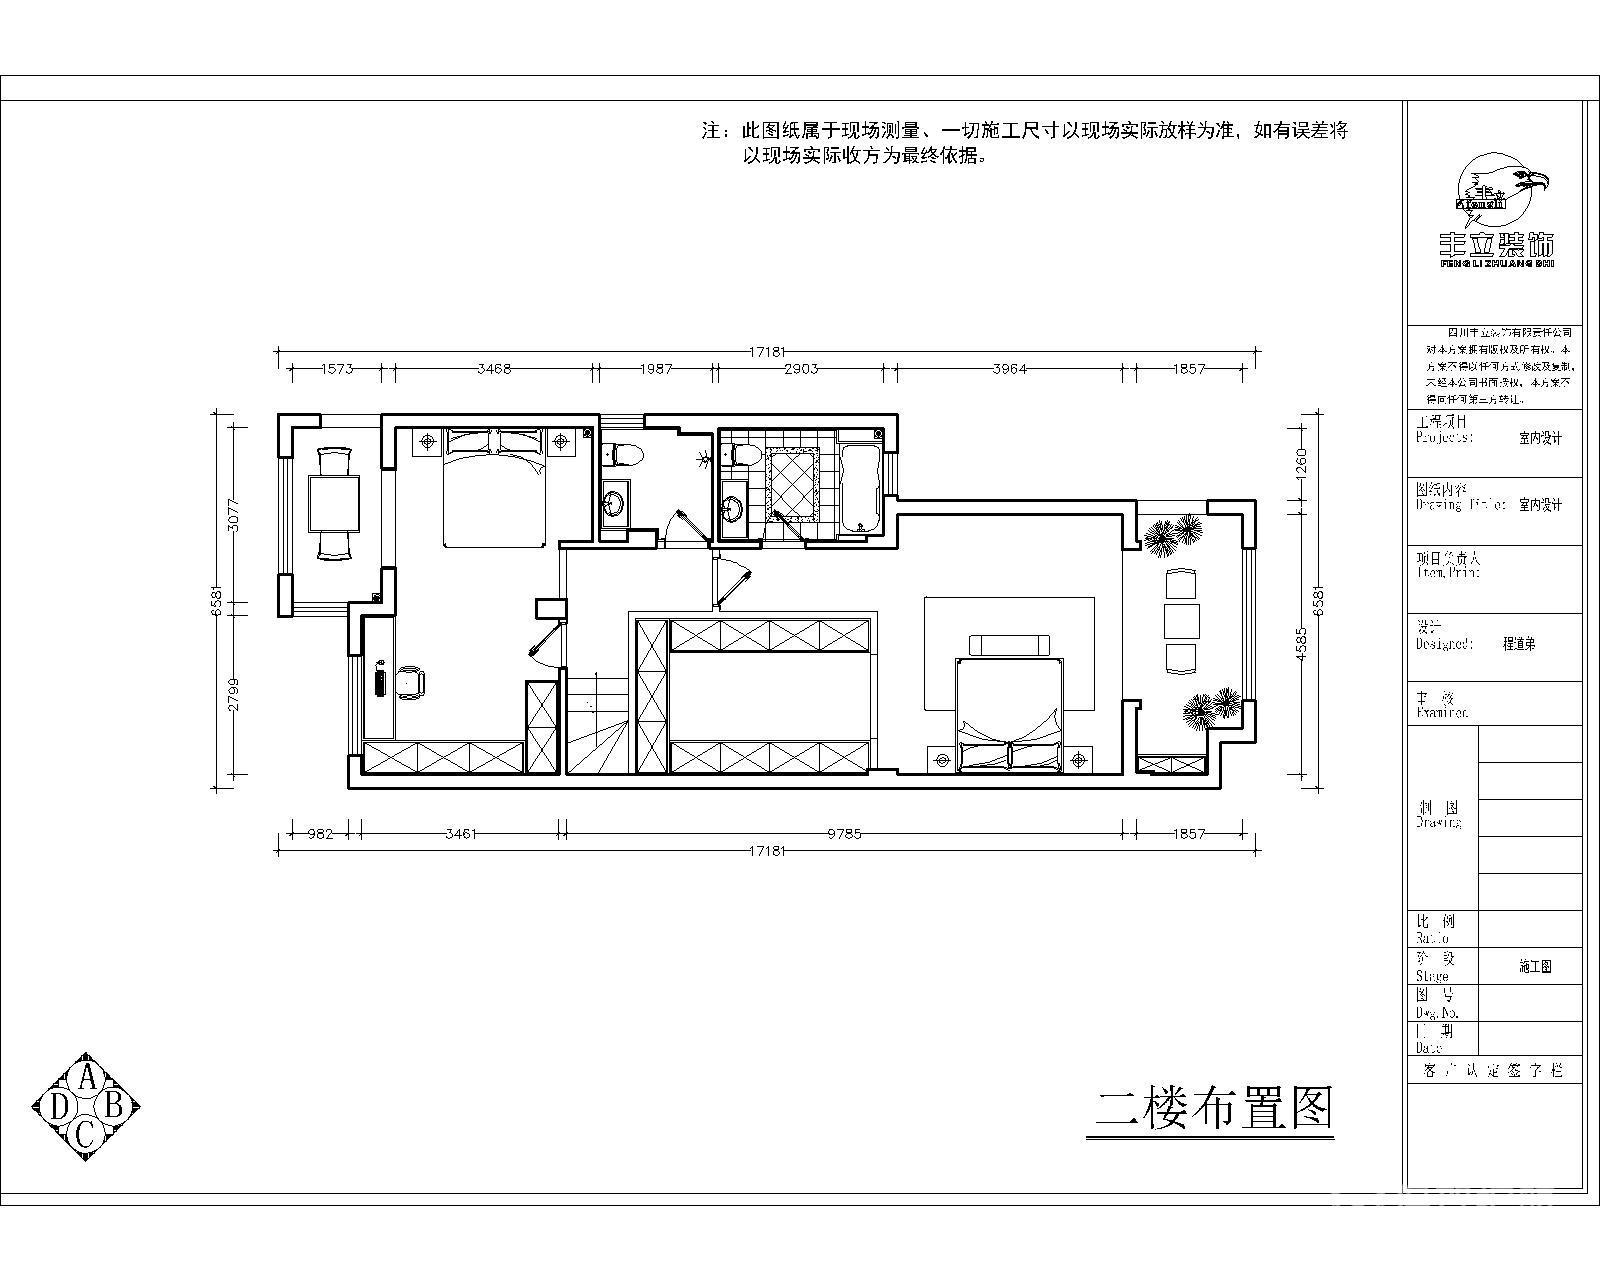 二楼布置图.jpg